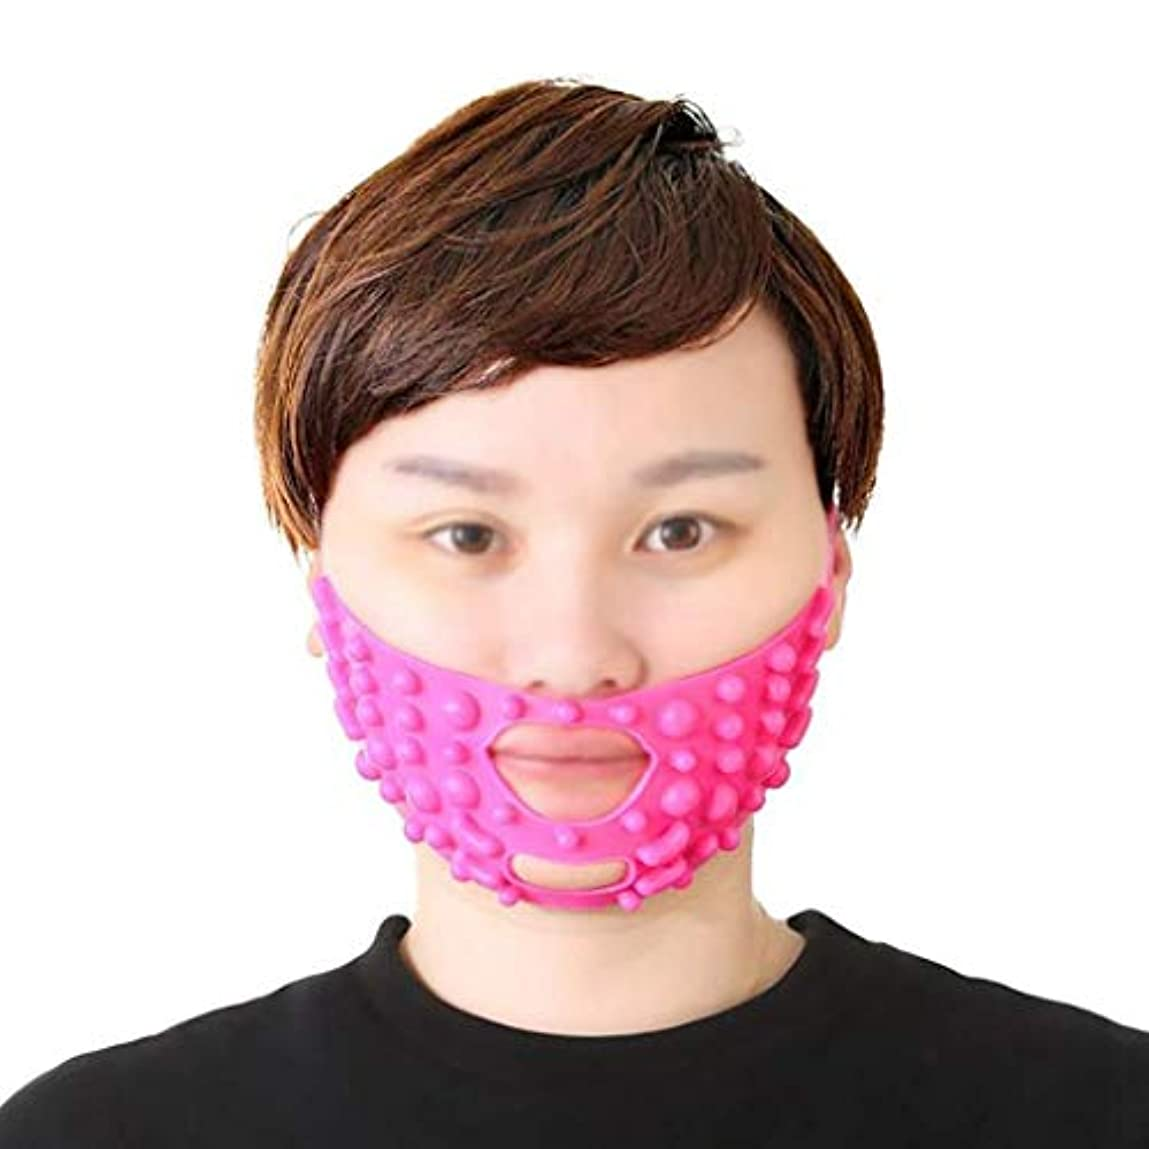 薬を飲む忌まわしい窓フェイスリフトマスク、チンストラップシリコーンVフェイスマスクフェイスマスク強力な包帯V顔アーティファクトスモールV顔包帯顔と首リフトピンクシリコーン包帯